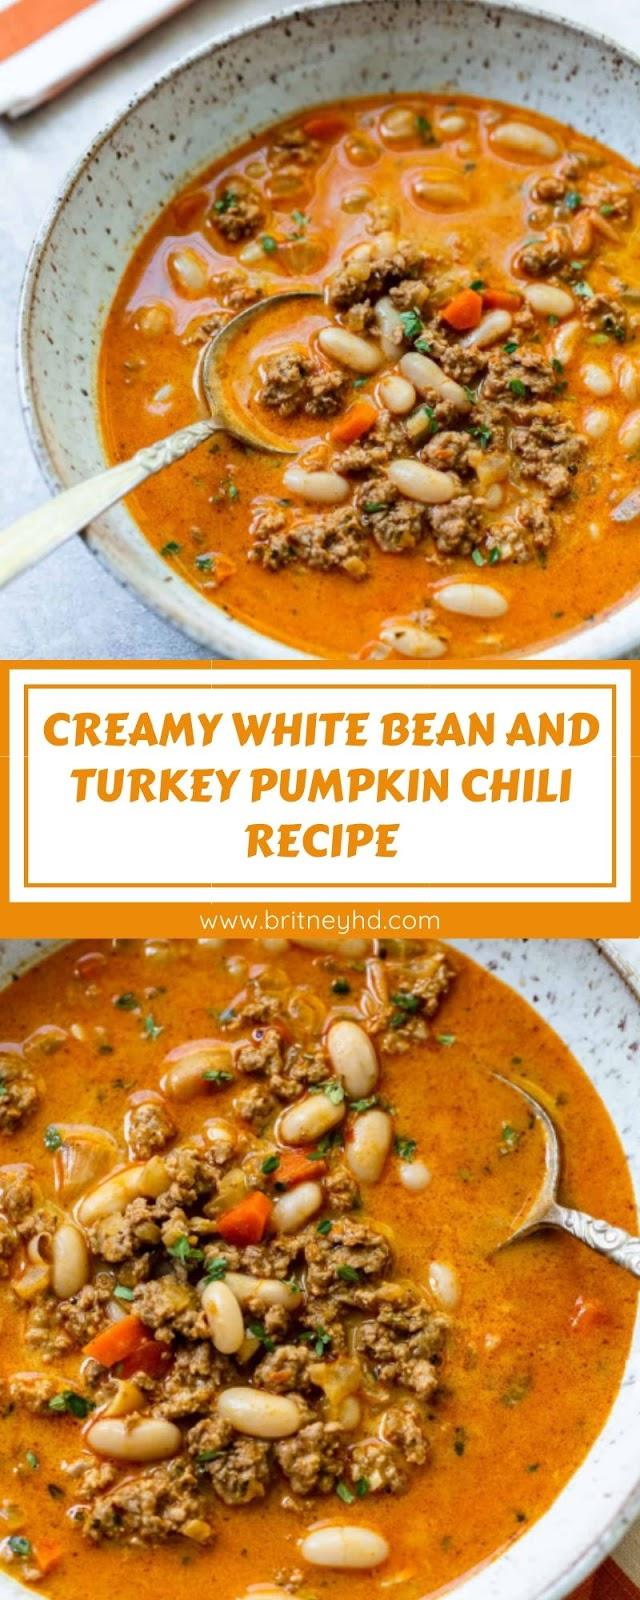 CREAMY WHITE BEAN AND TURKEY PUMPKIN CHILI RECIPE